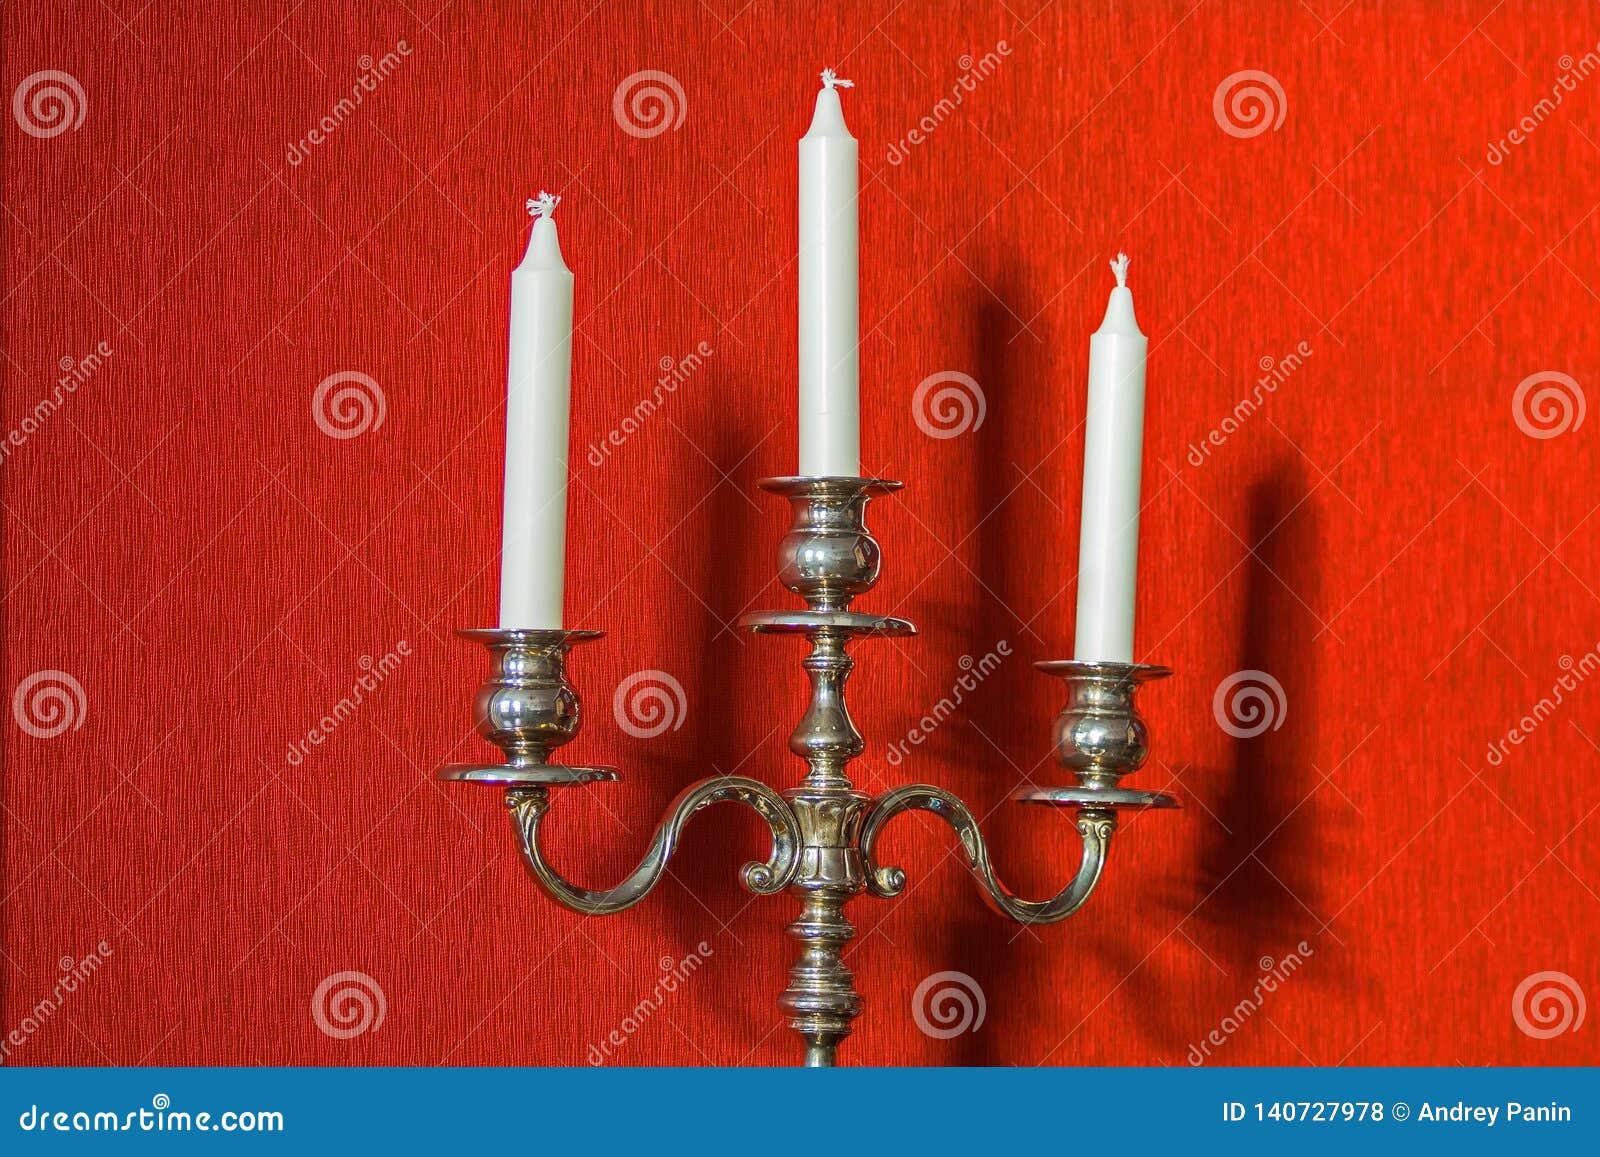 Stary candlestick i swój cień na ścianie